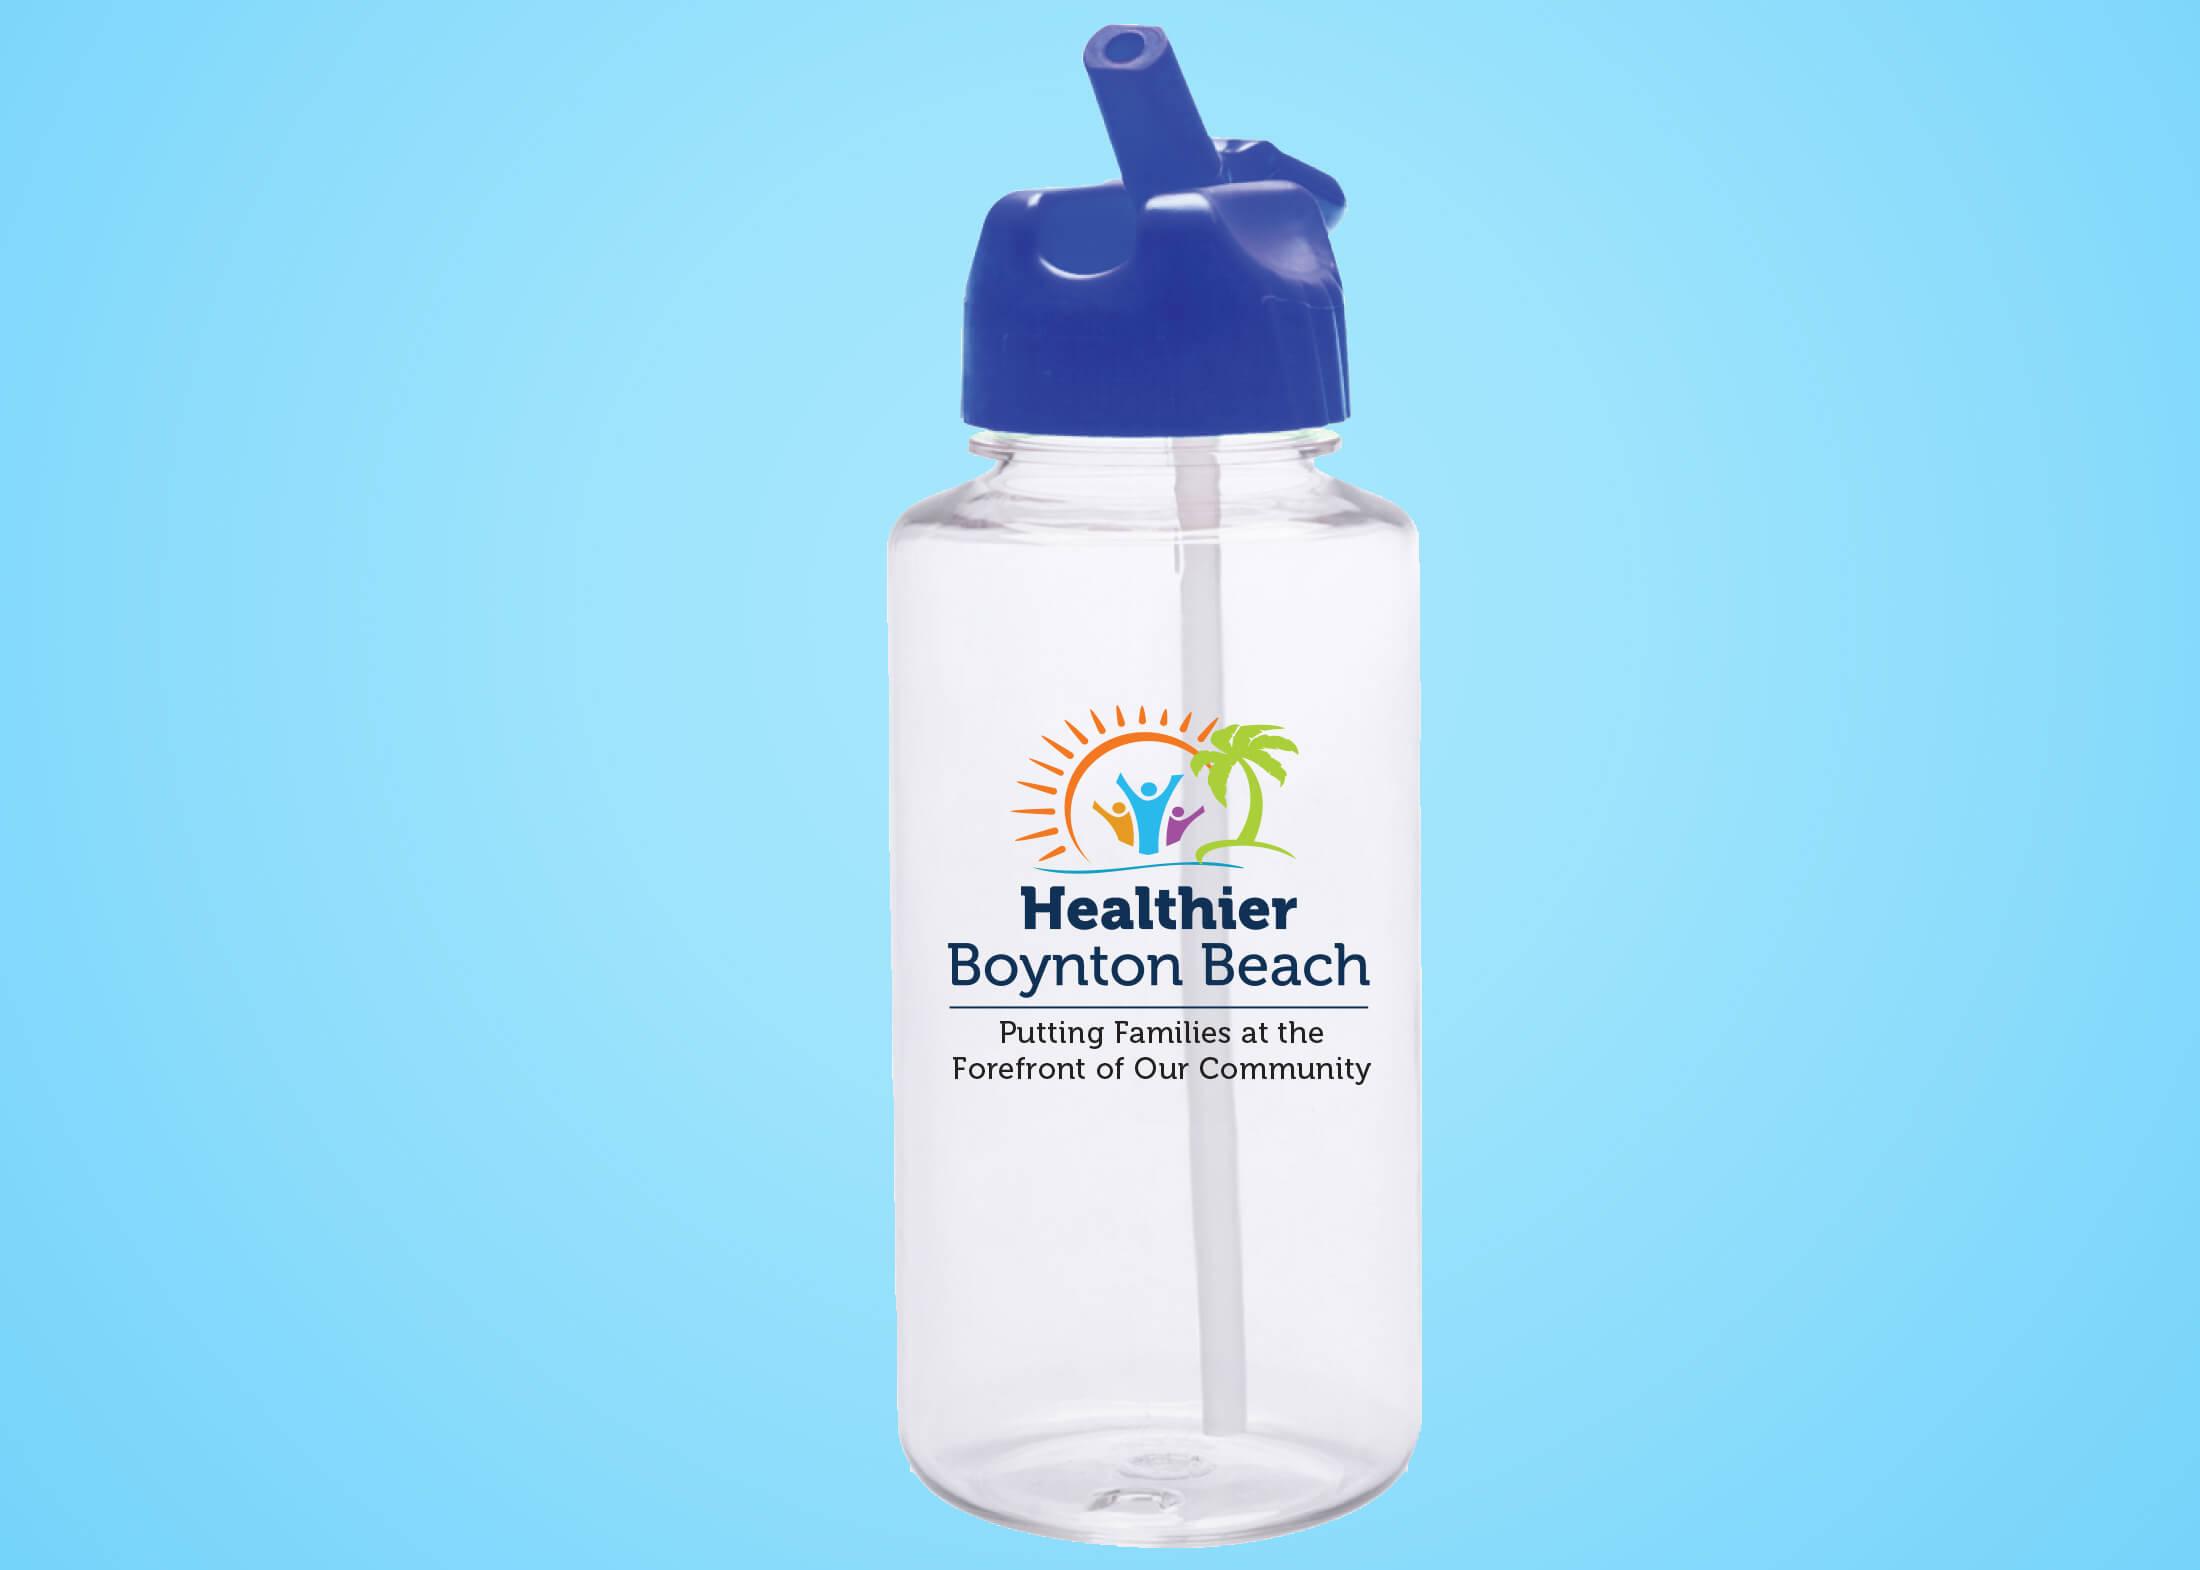 Healthier-Boynton-Beach-Bottle